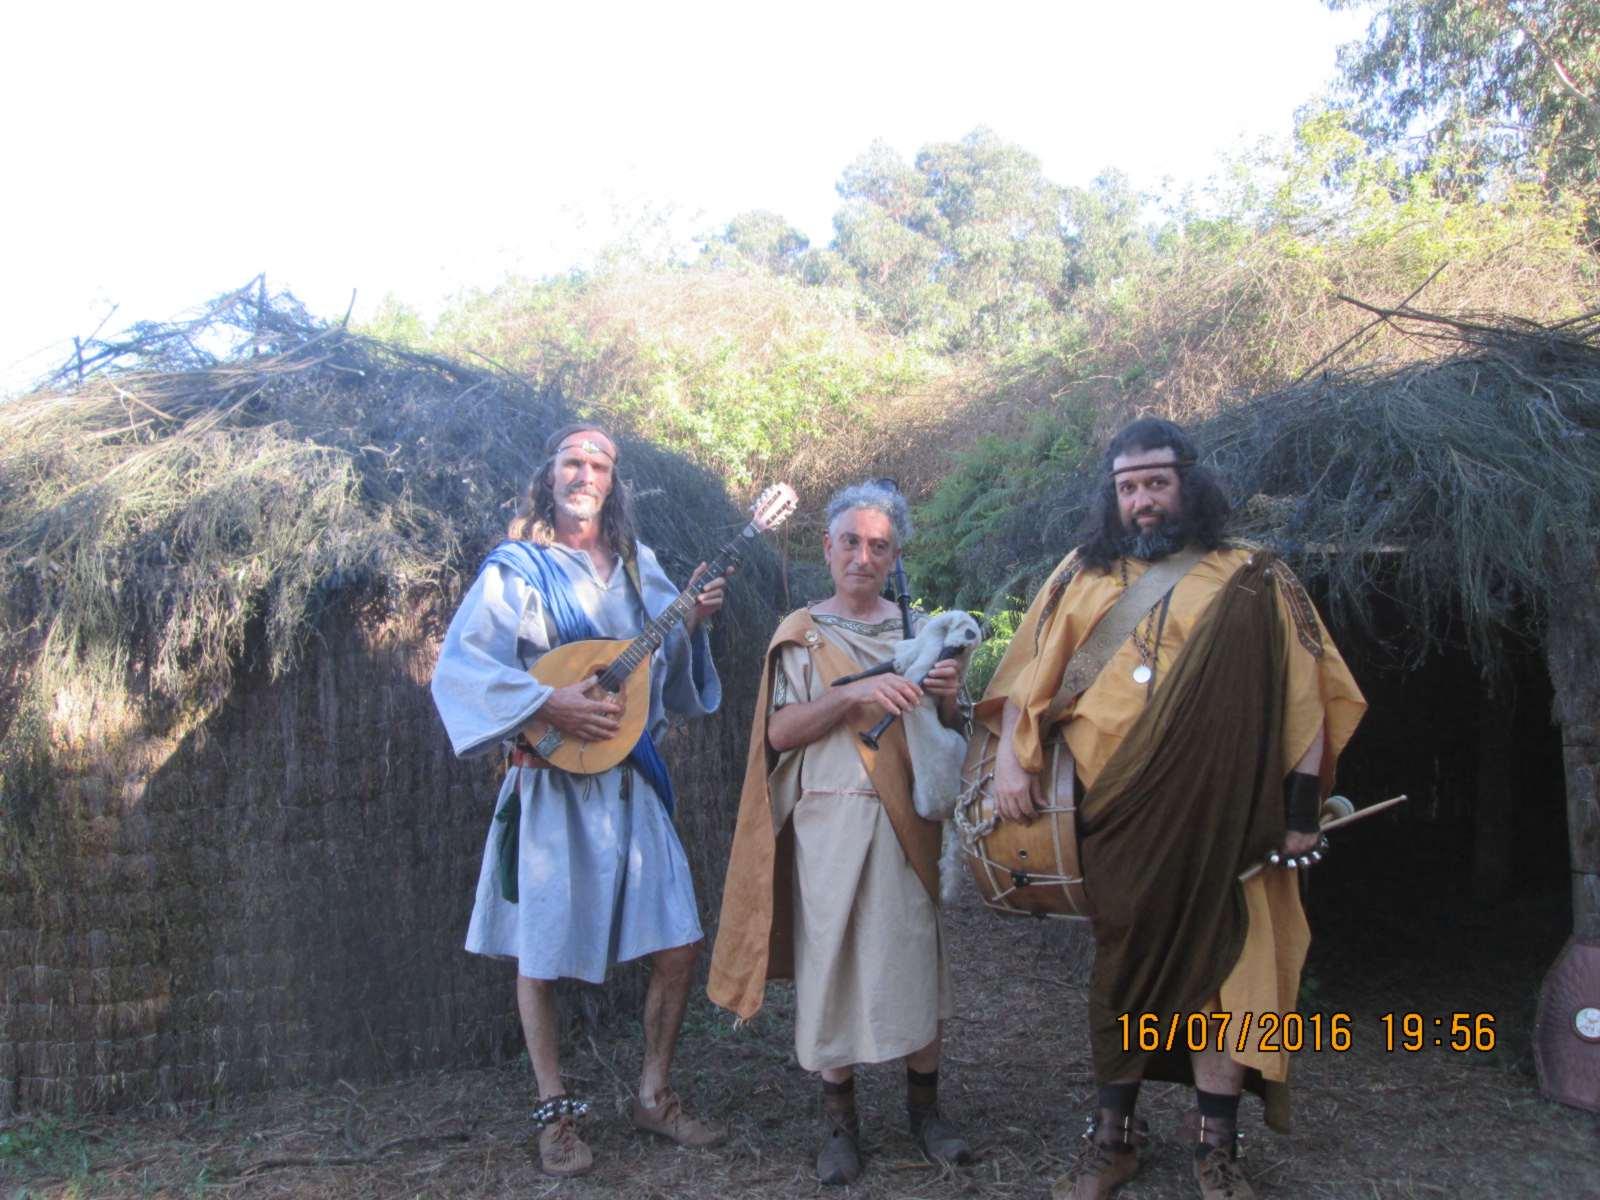 Los Rapax de Romanos y celtas